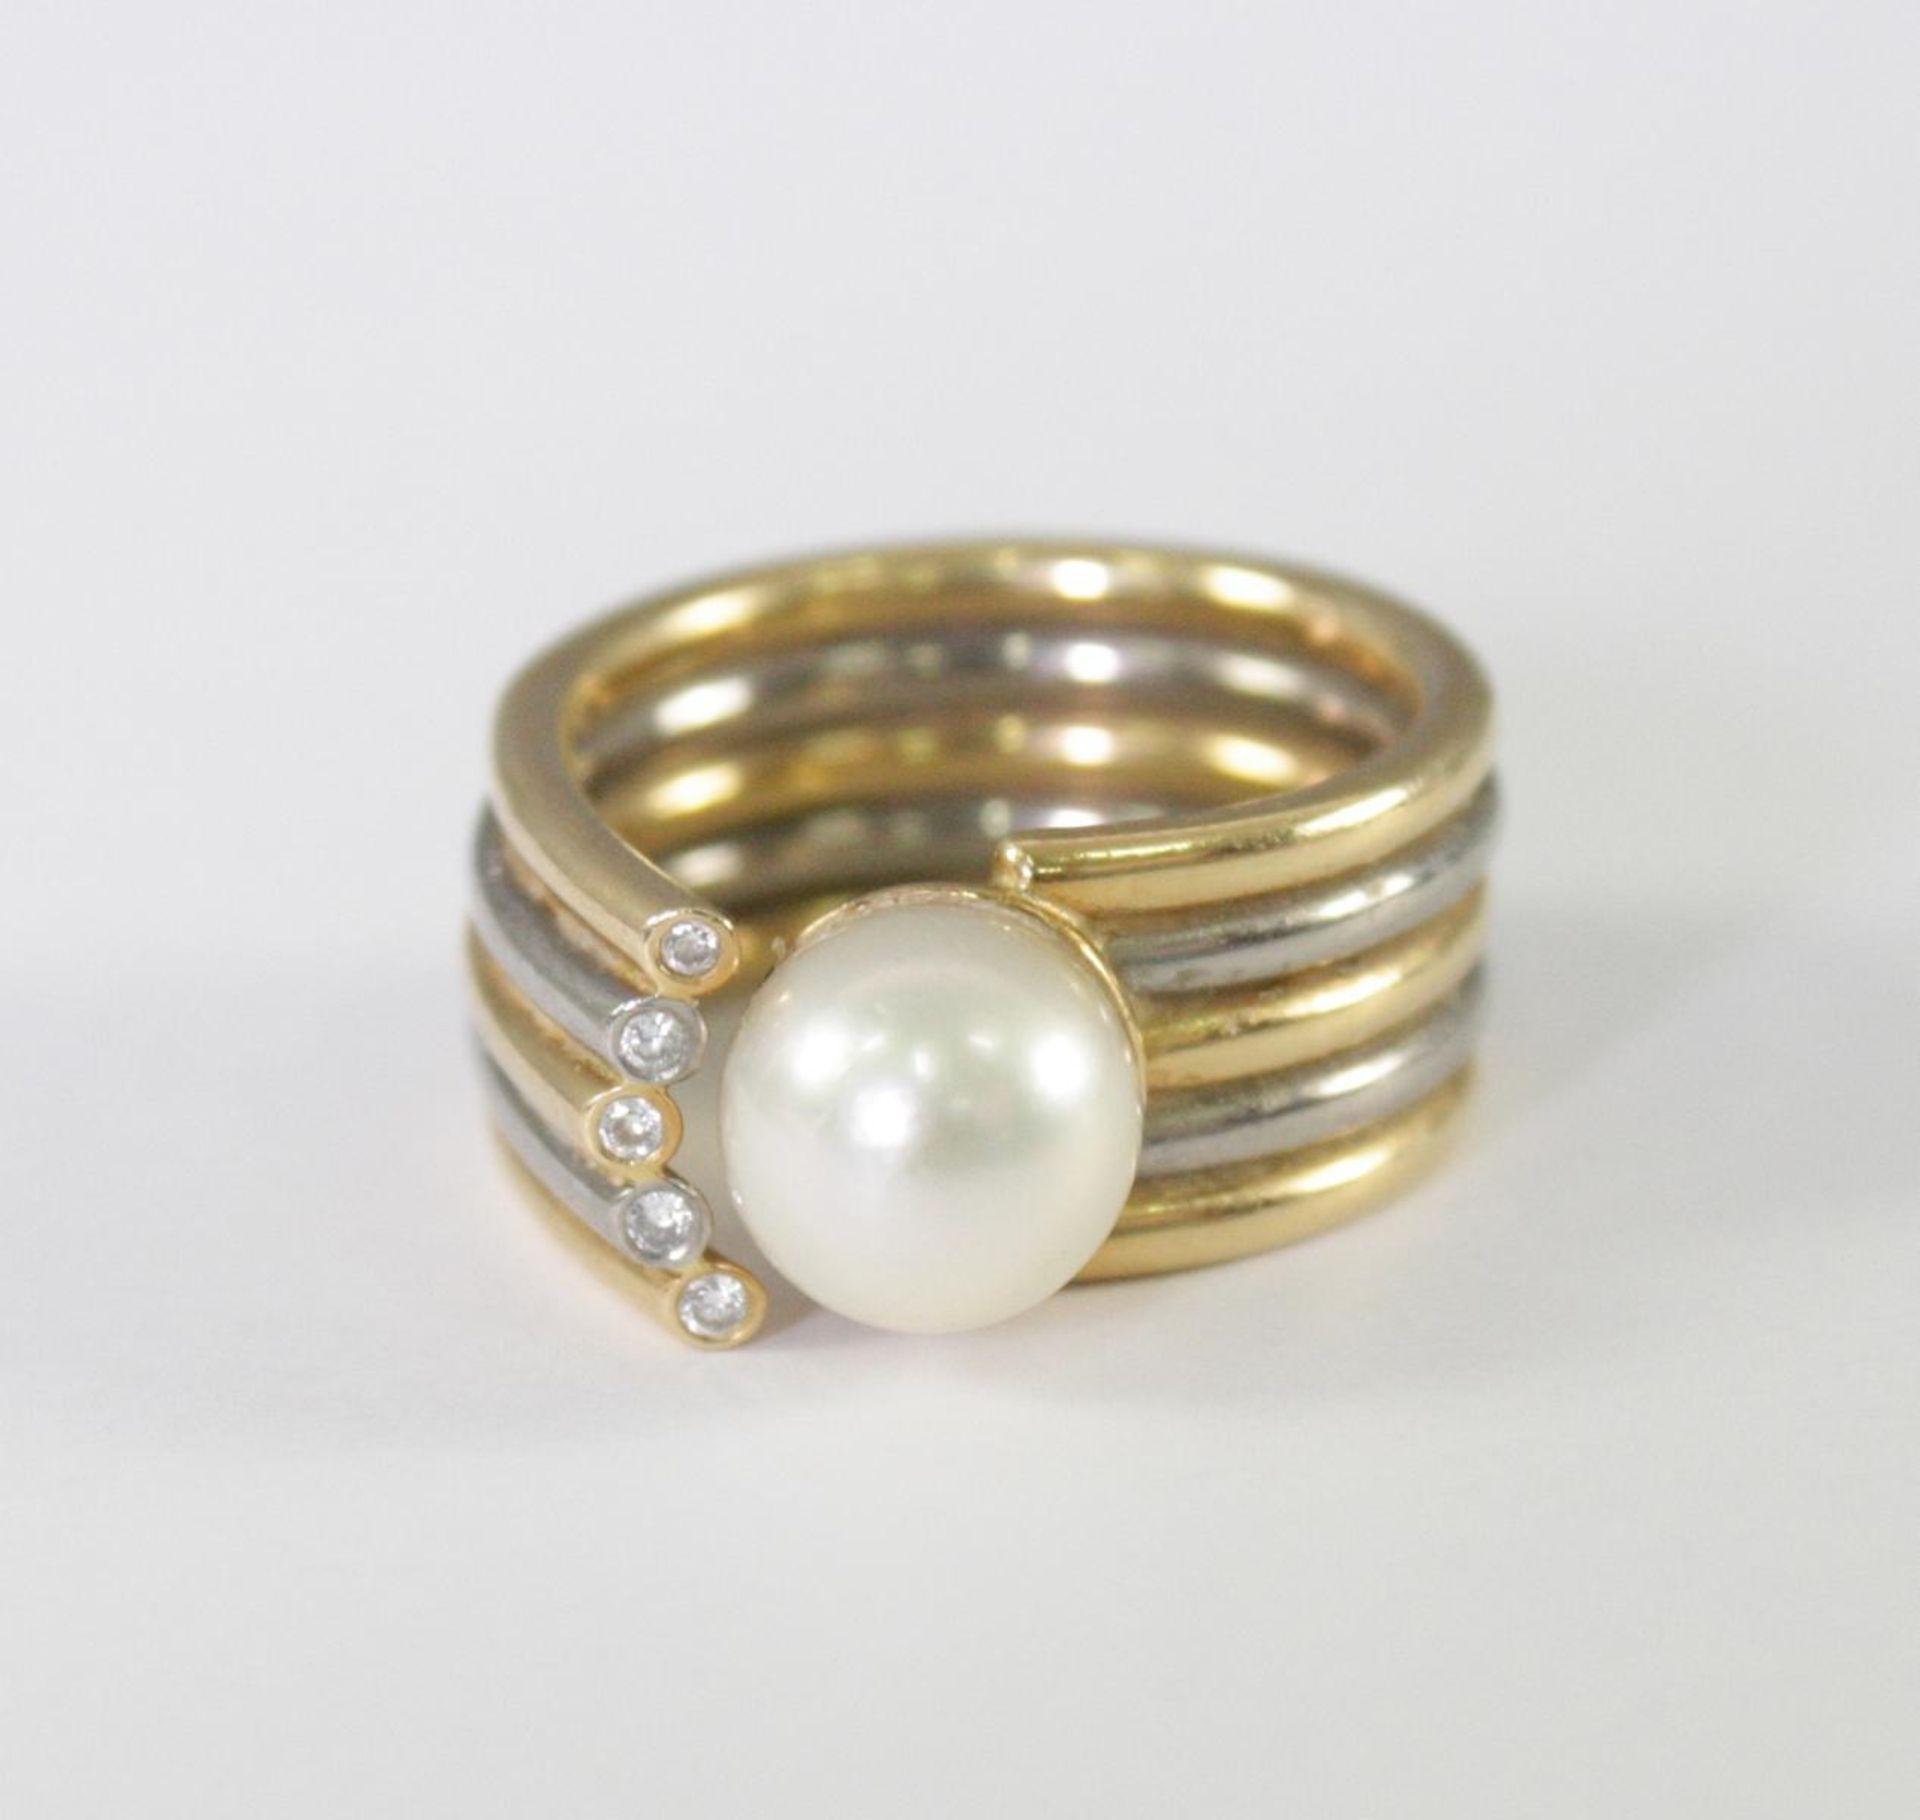 Damenring mit Perle und Diamanten, 18 Karat Gelb- und Weißgold